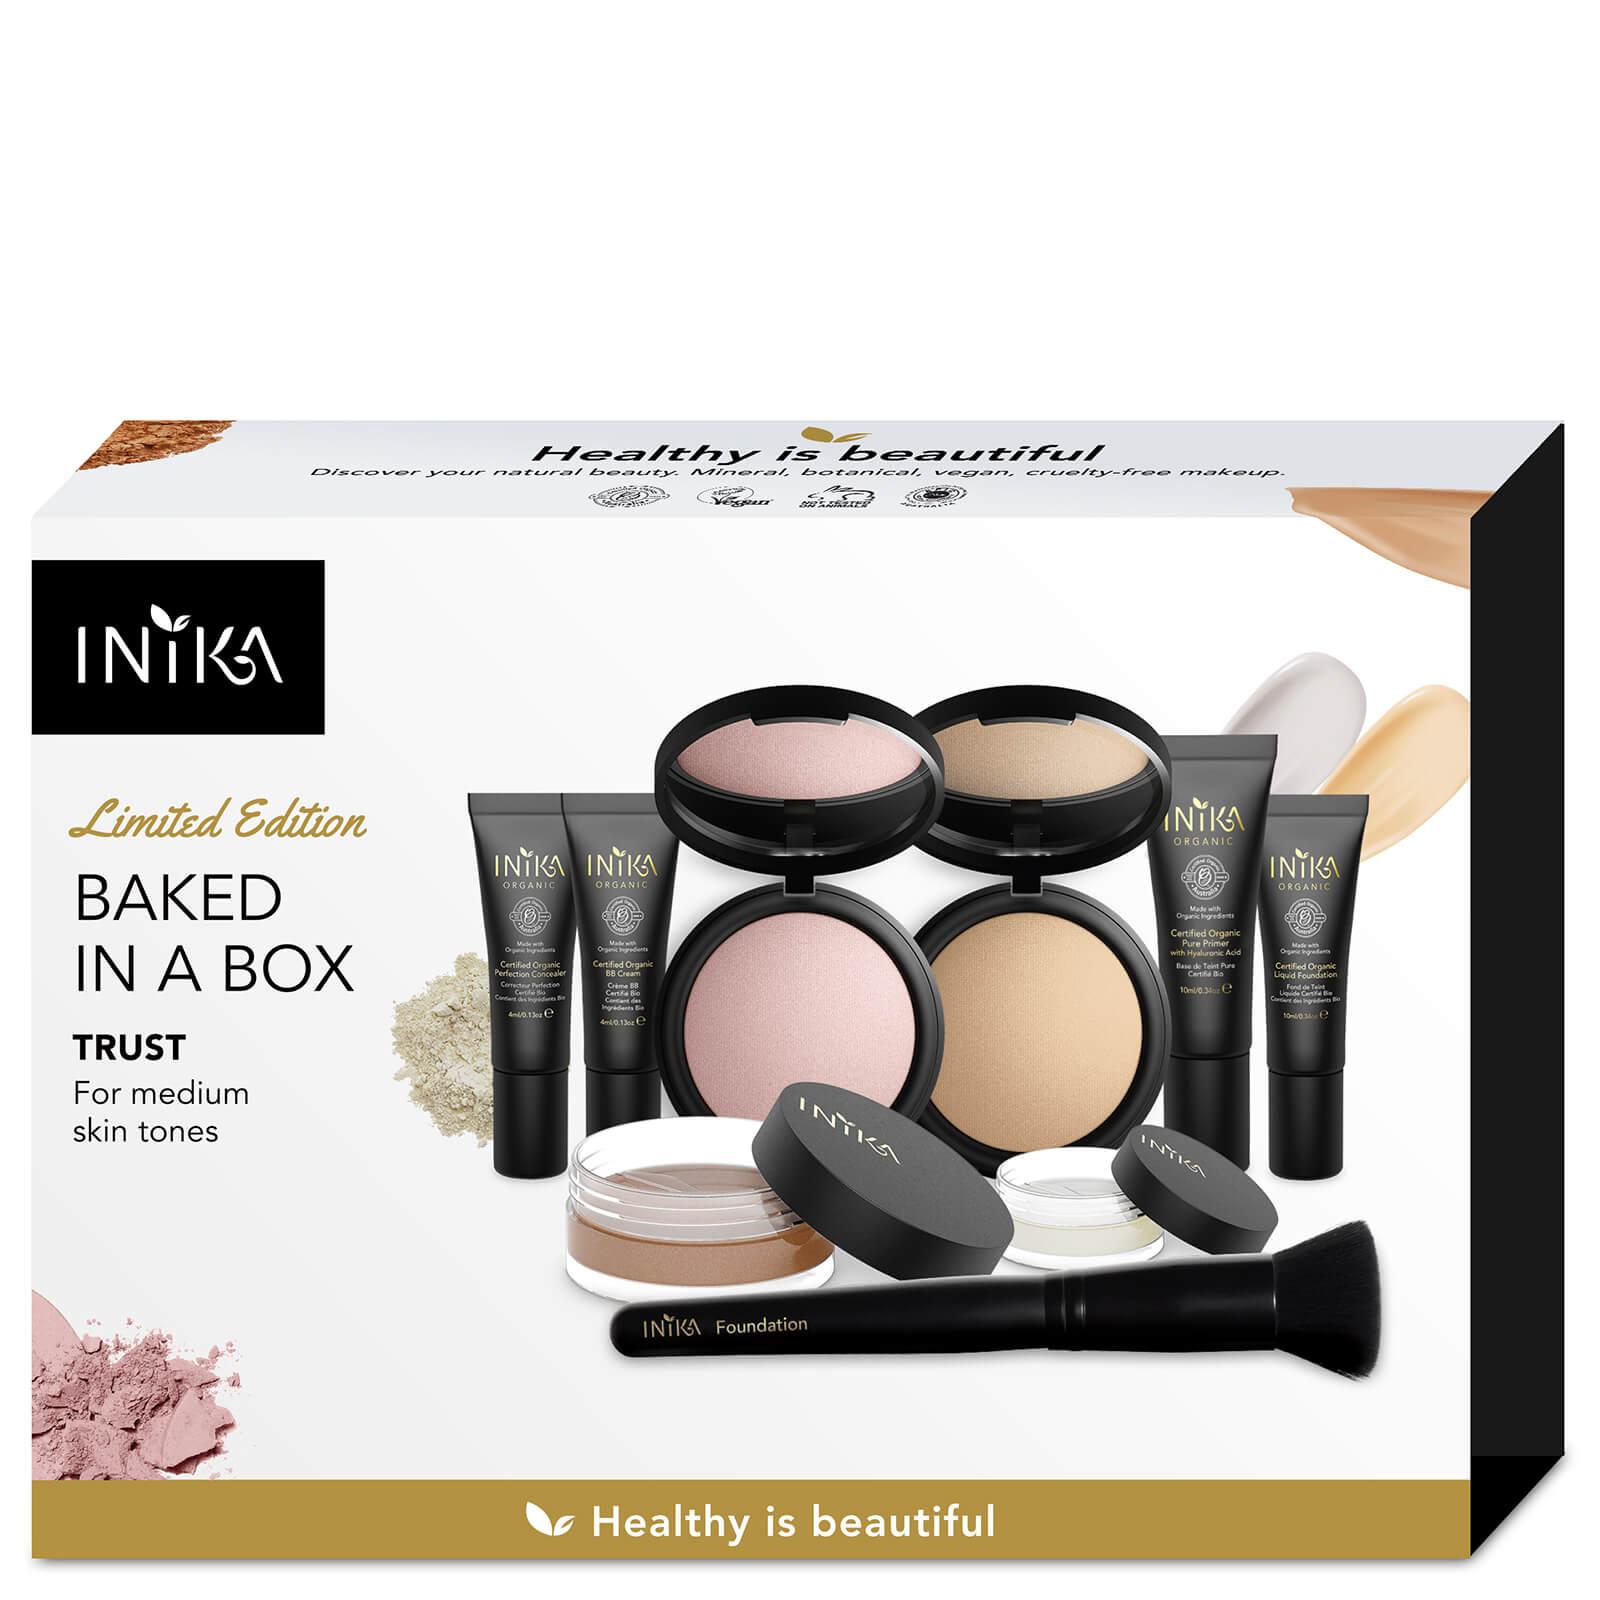 INIKA Kit de Produits Essentiels Baked in a Box INIKA – Trust